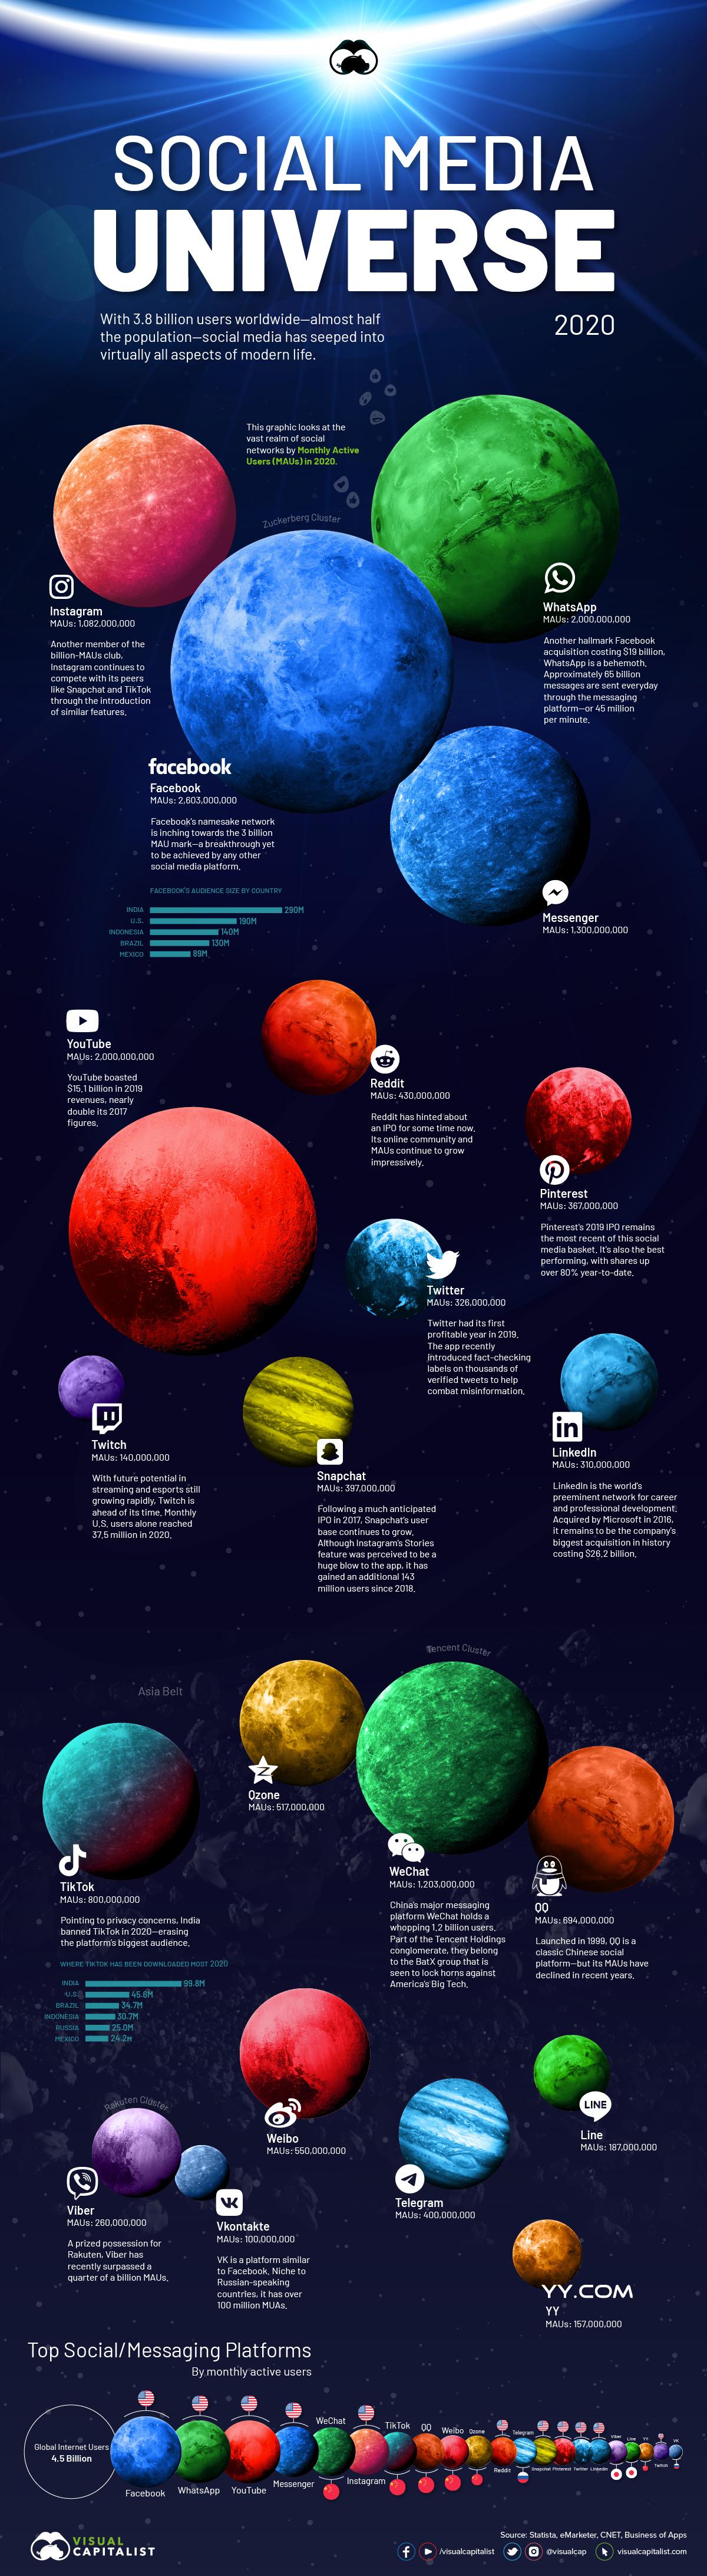 Si les médias sociaux étaient des planètes, quelle serait leur taille ? dans . Informatique et TIC . Social-media-universe-2020-1-1